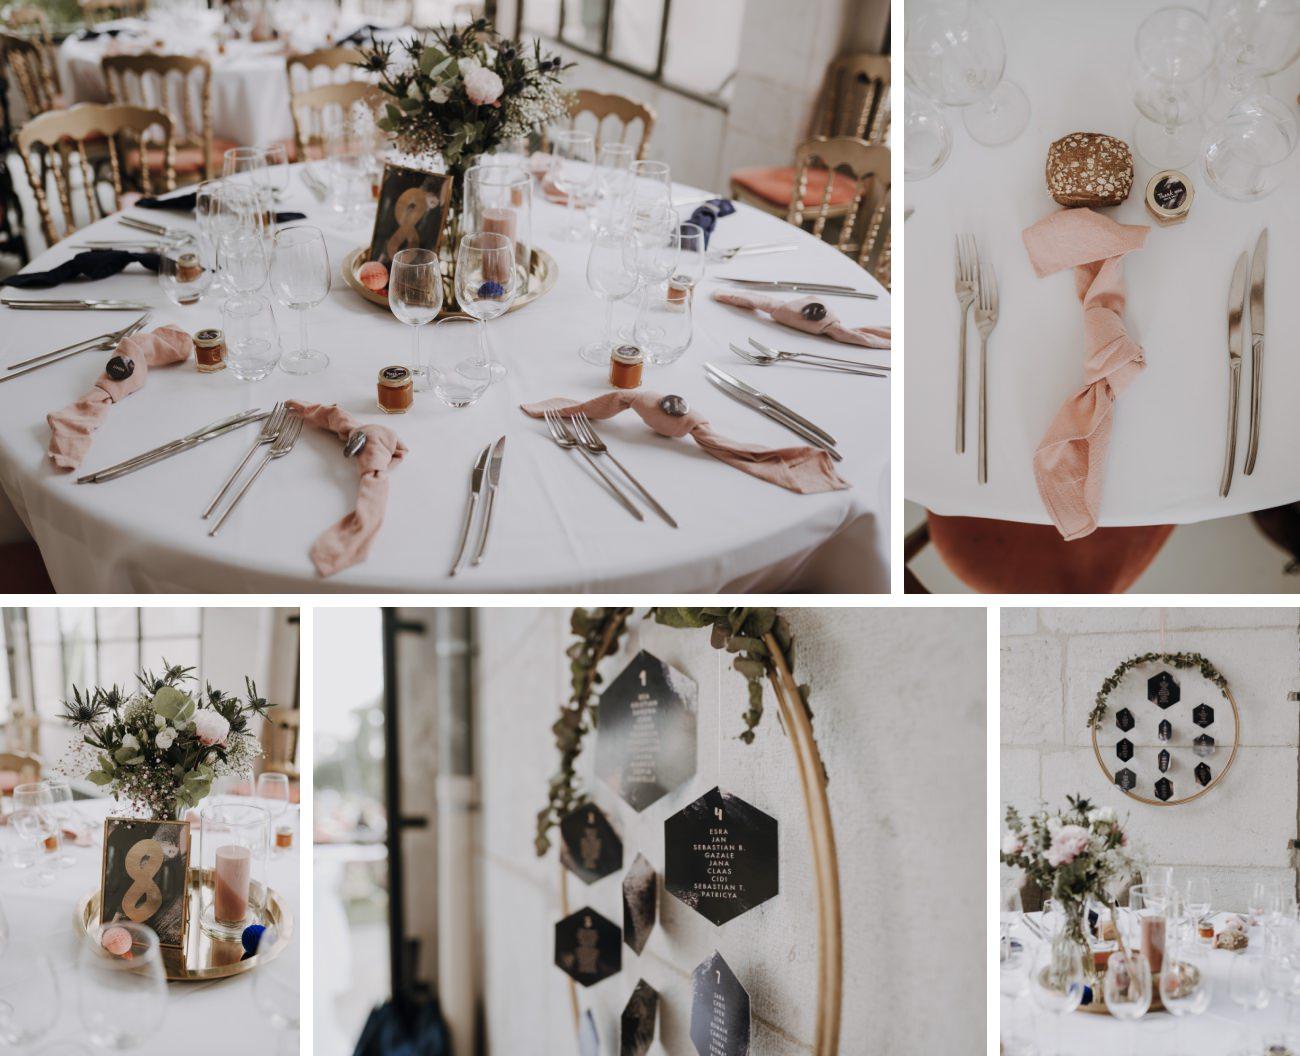 décoration mariage boheme chic